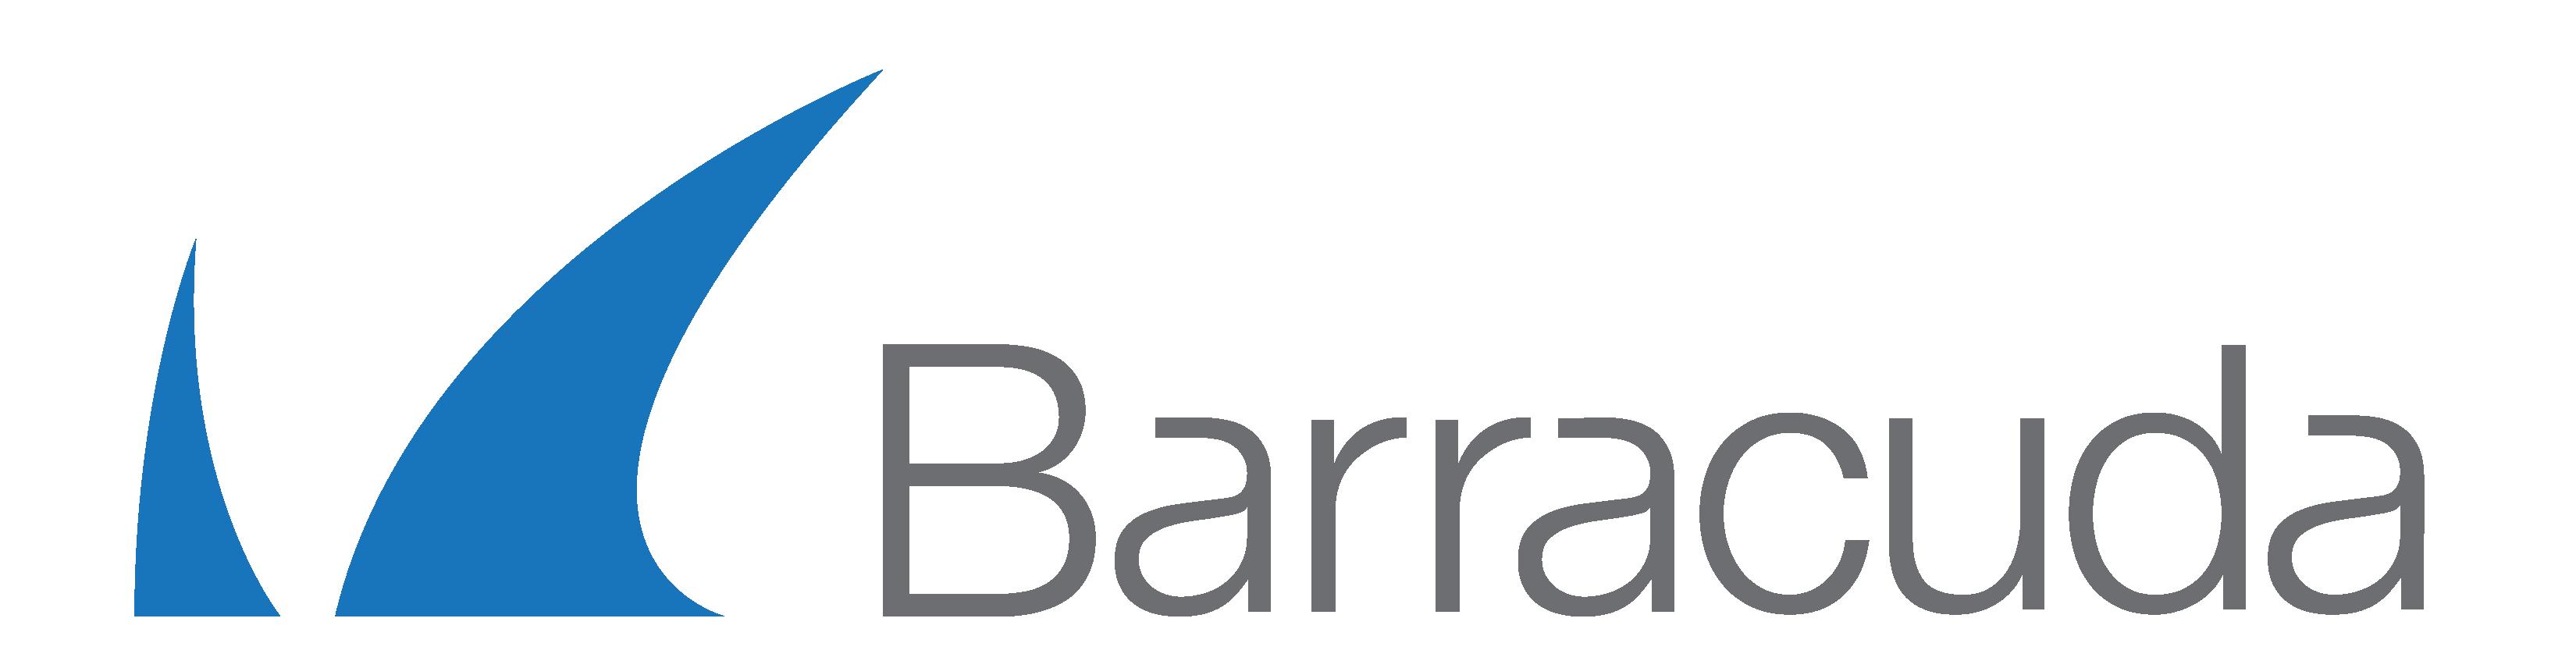 Resultado de imagen para barracuda software